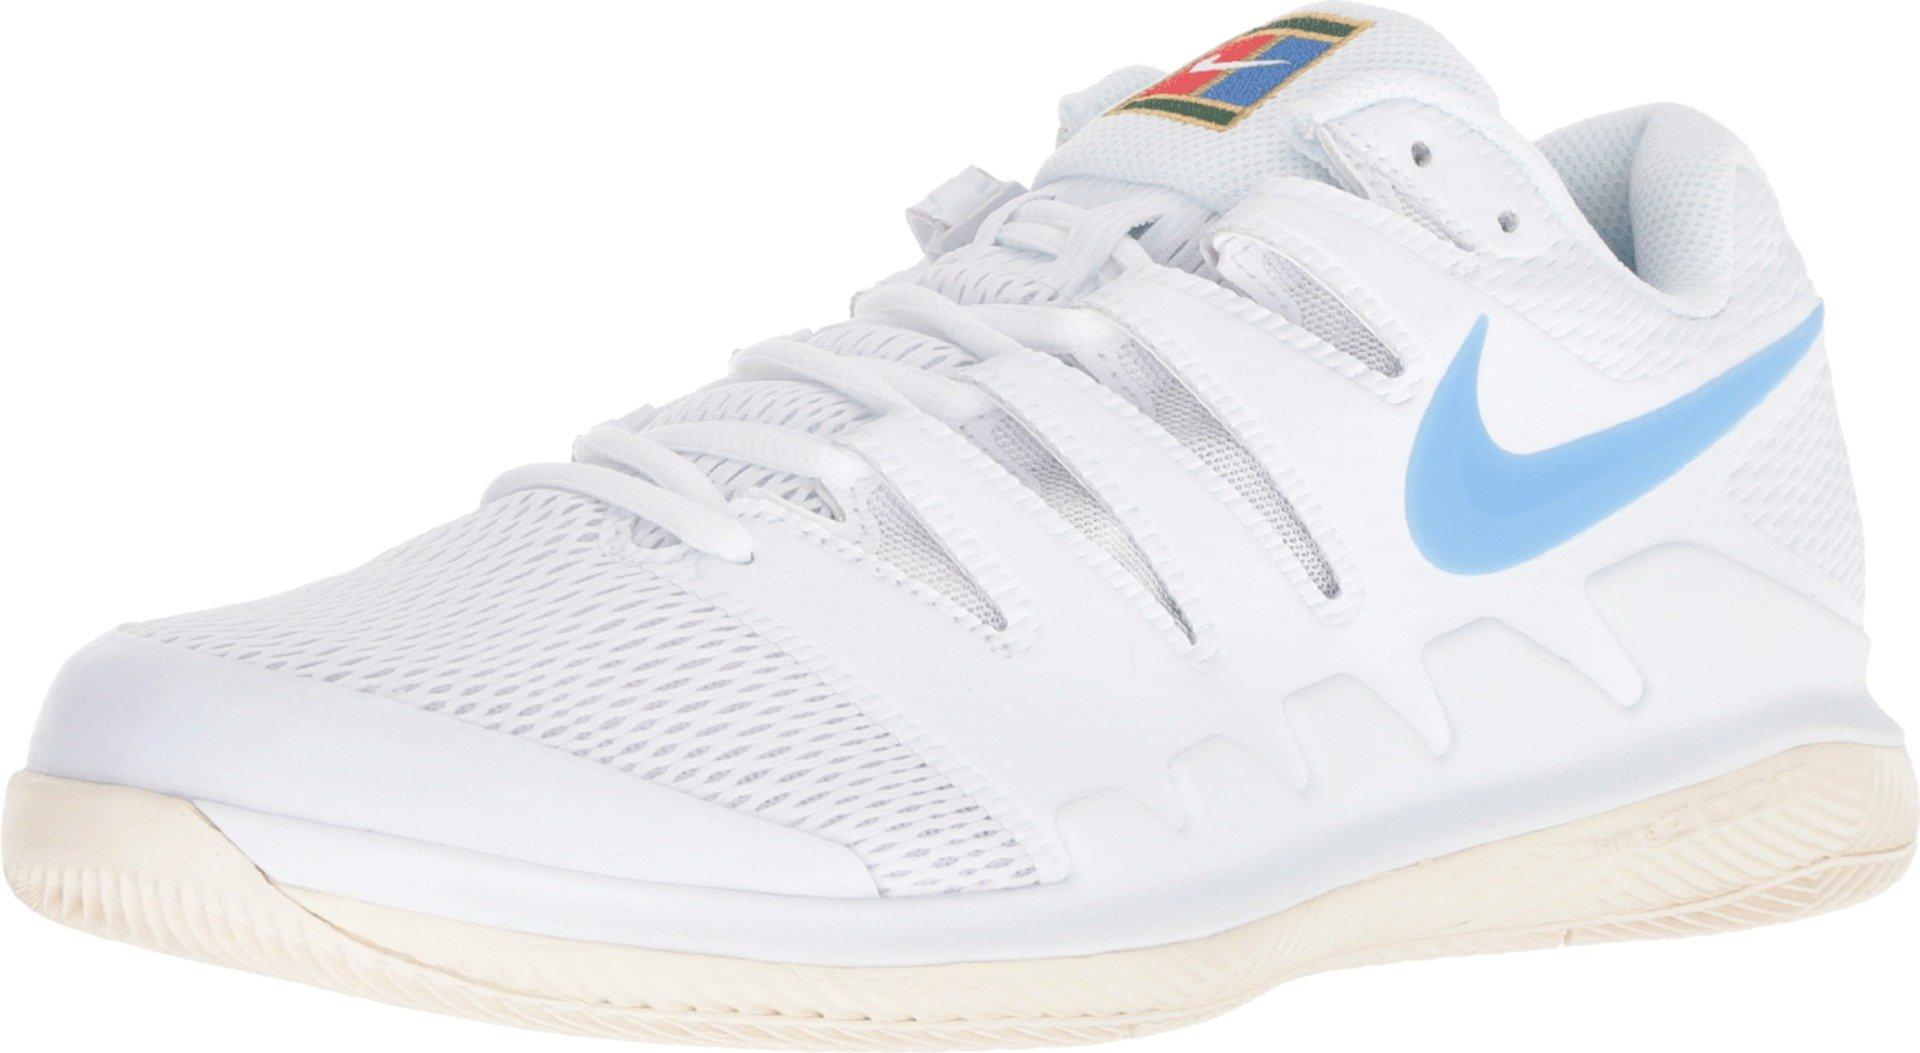 0a6b398d3e962 Nike Men's Zoom Vapor X Tennis Shoes (13 D US, White/University Blue/Light  Cream)